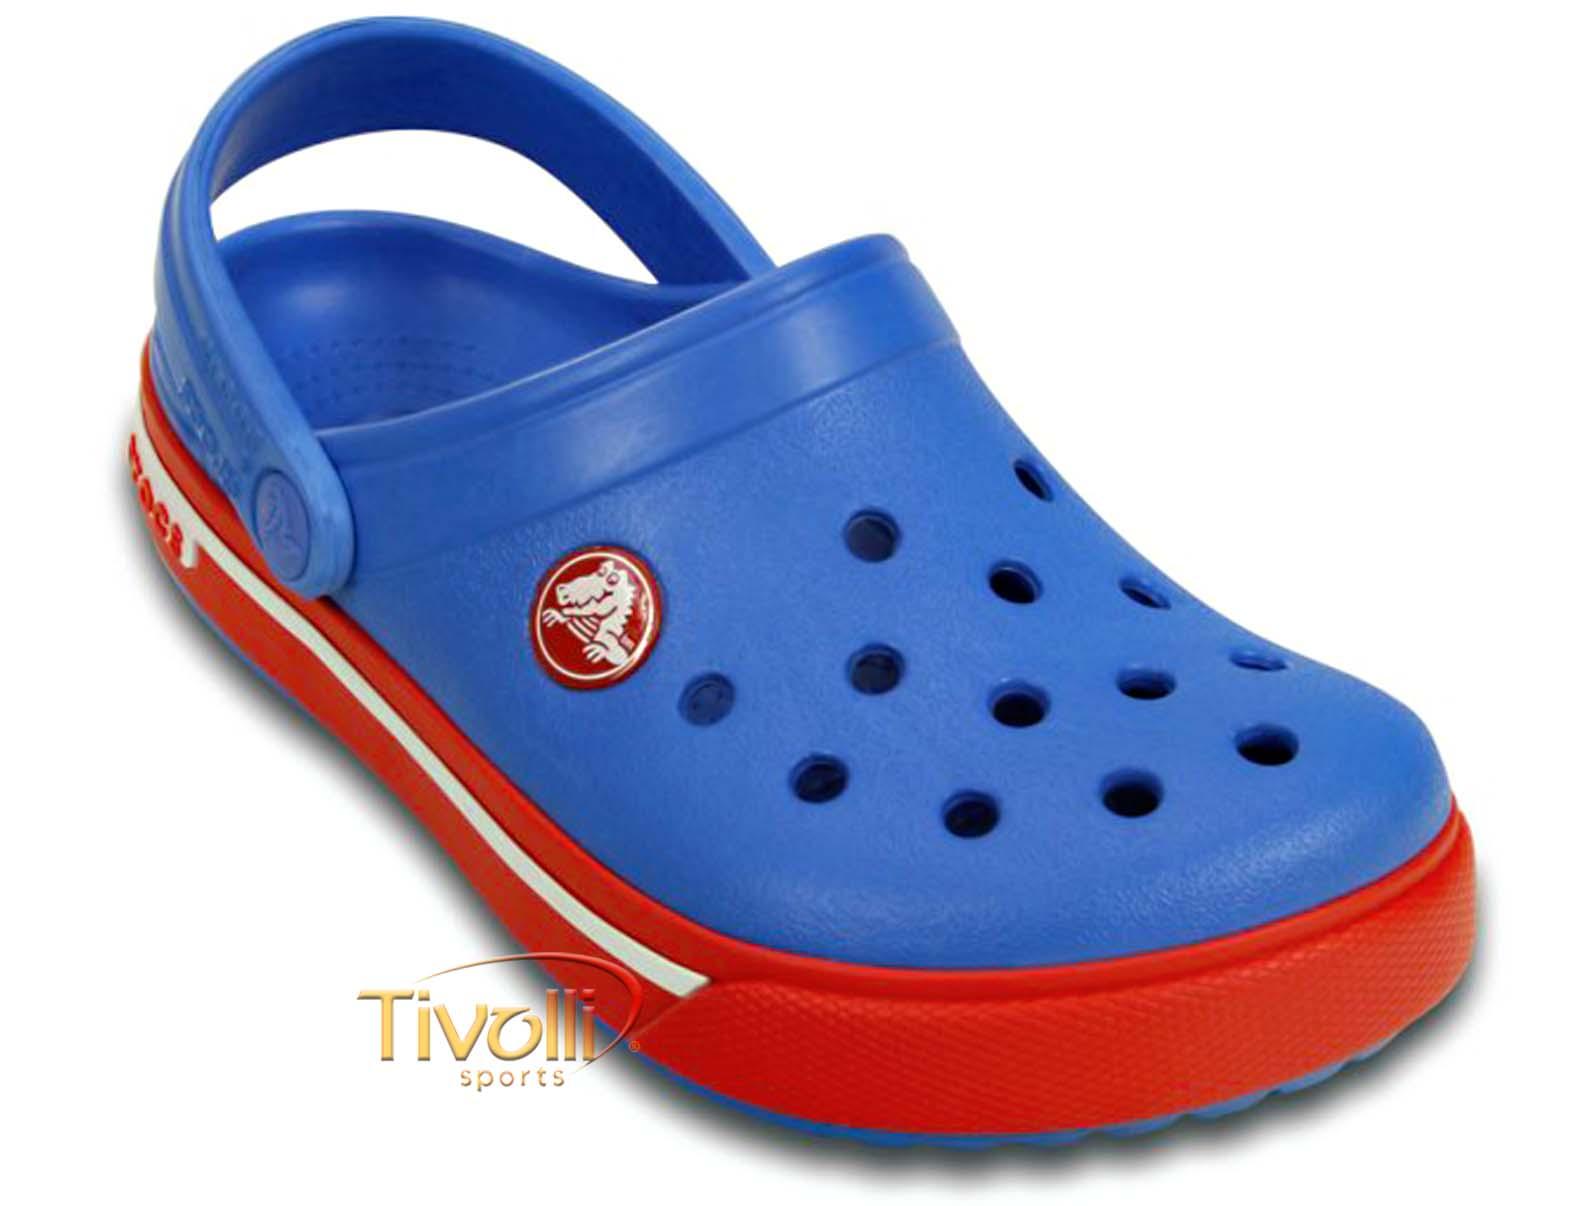 d669988e35 Sandália Crocs Crocband II.5 Kids Clog Varsity   Infantil Azul ...